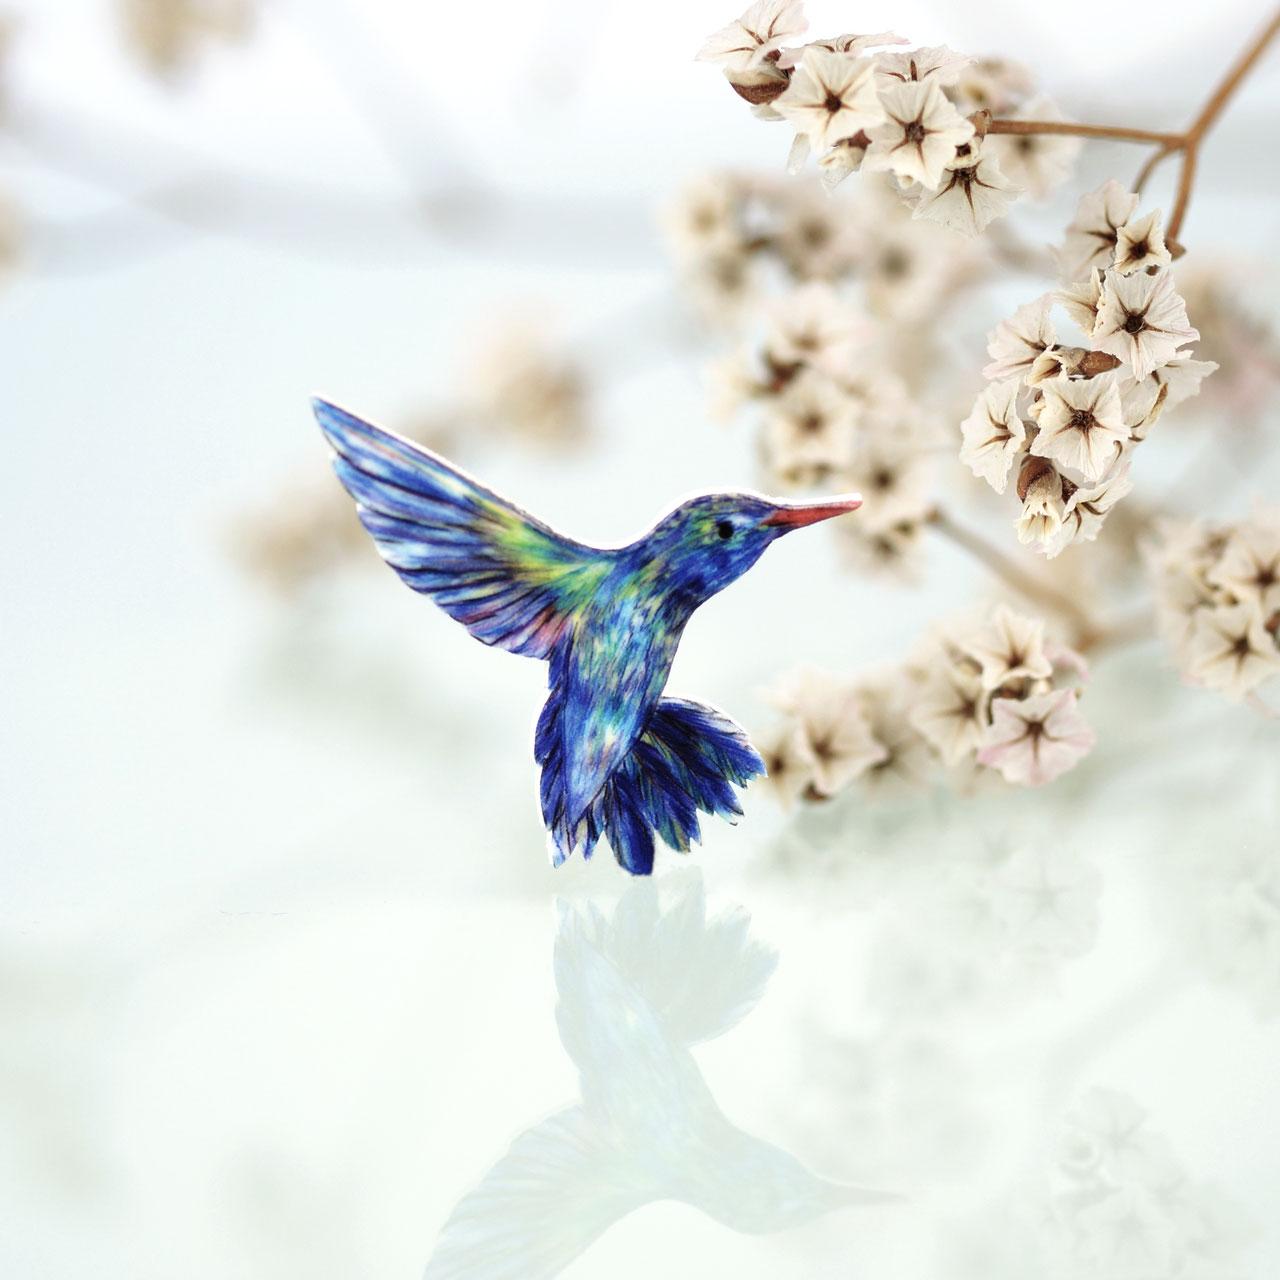 kolibribrosche kolibri vogelschmuck ansteckbrosche. Black Bedroom Furniture Sets. Home Design Ideas